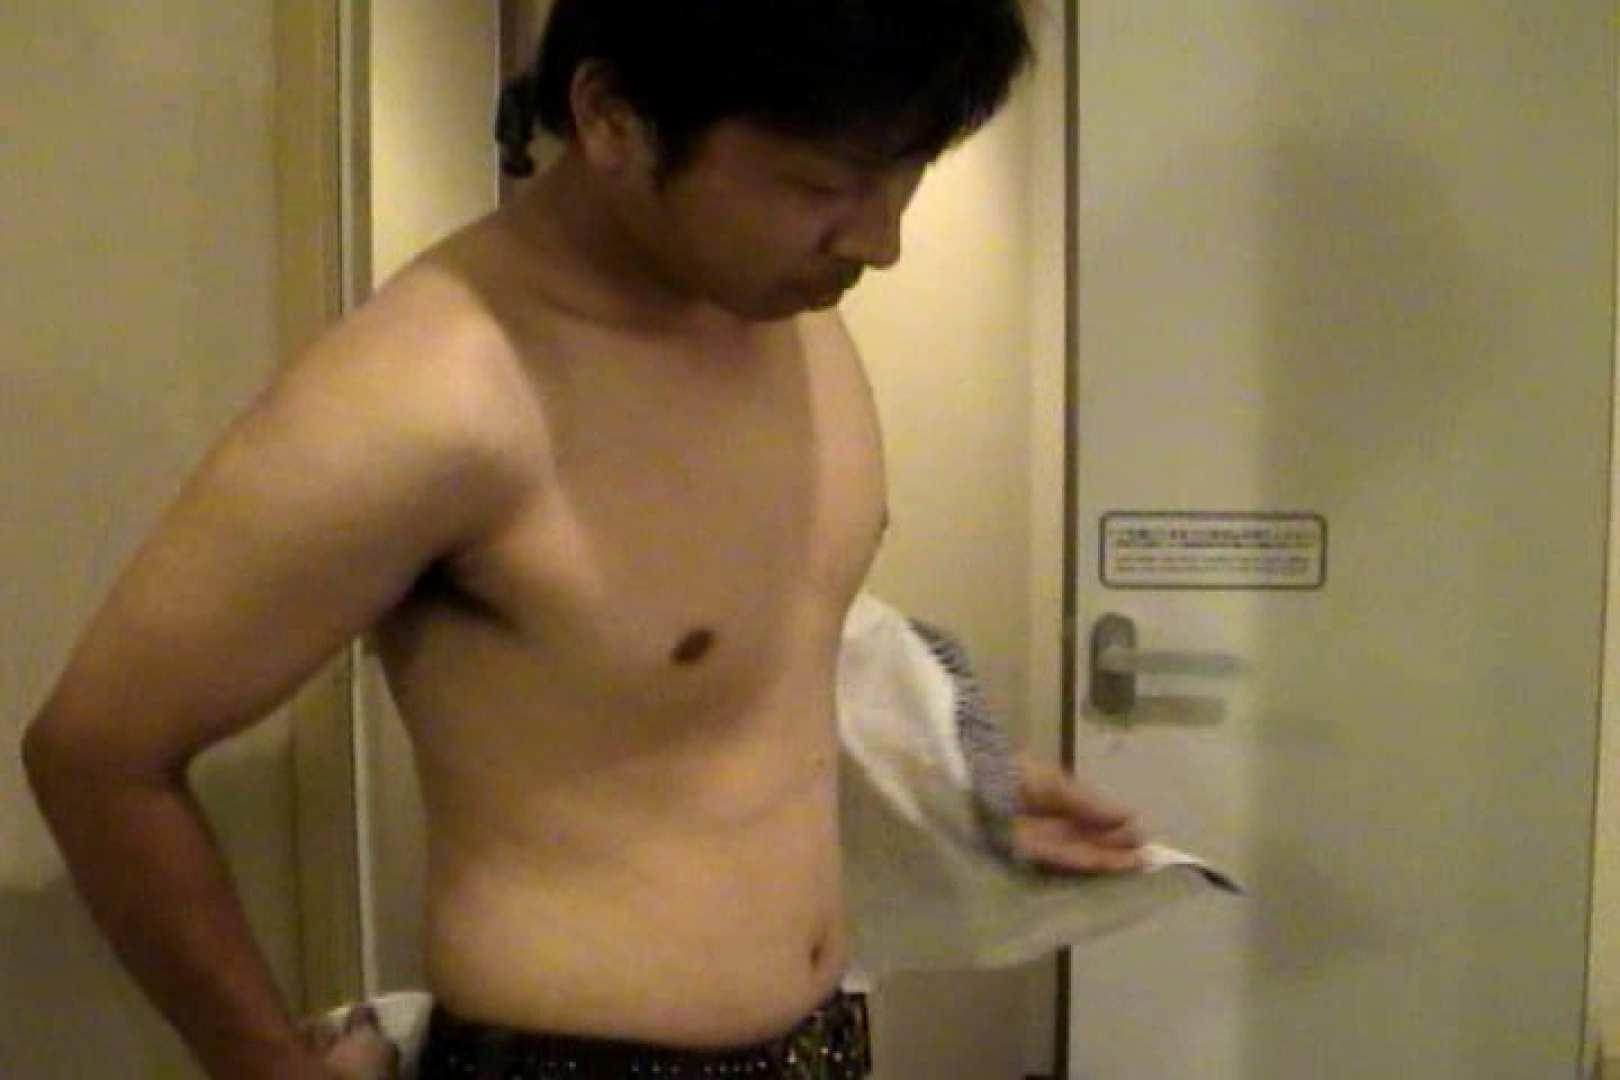 三ツ星シリーズ 魅惑のMemorial Night!! 突入01 スポーツマン | 三ツ星シリーズ  11枚 1